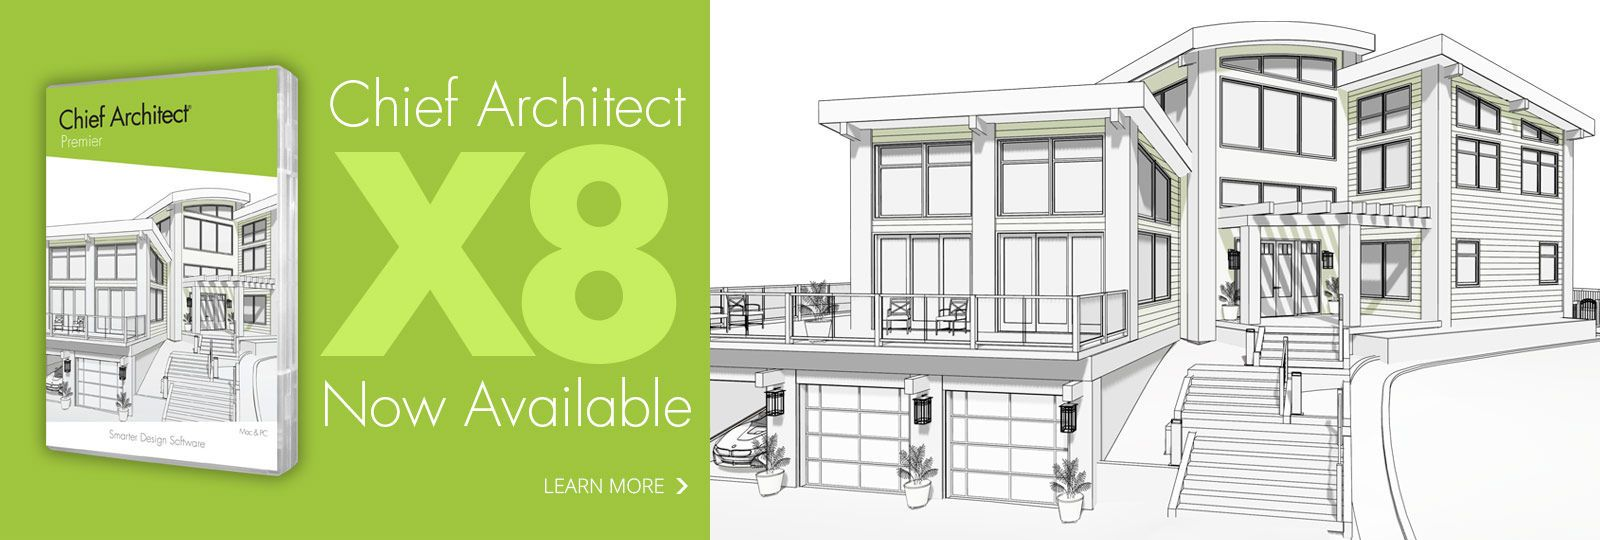 Attirant Architectural Home Design Software Chief Architect Ultra Modern Designs And  Interior